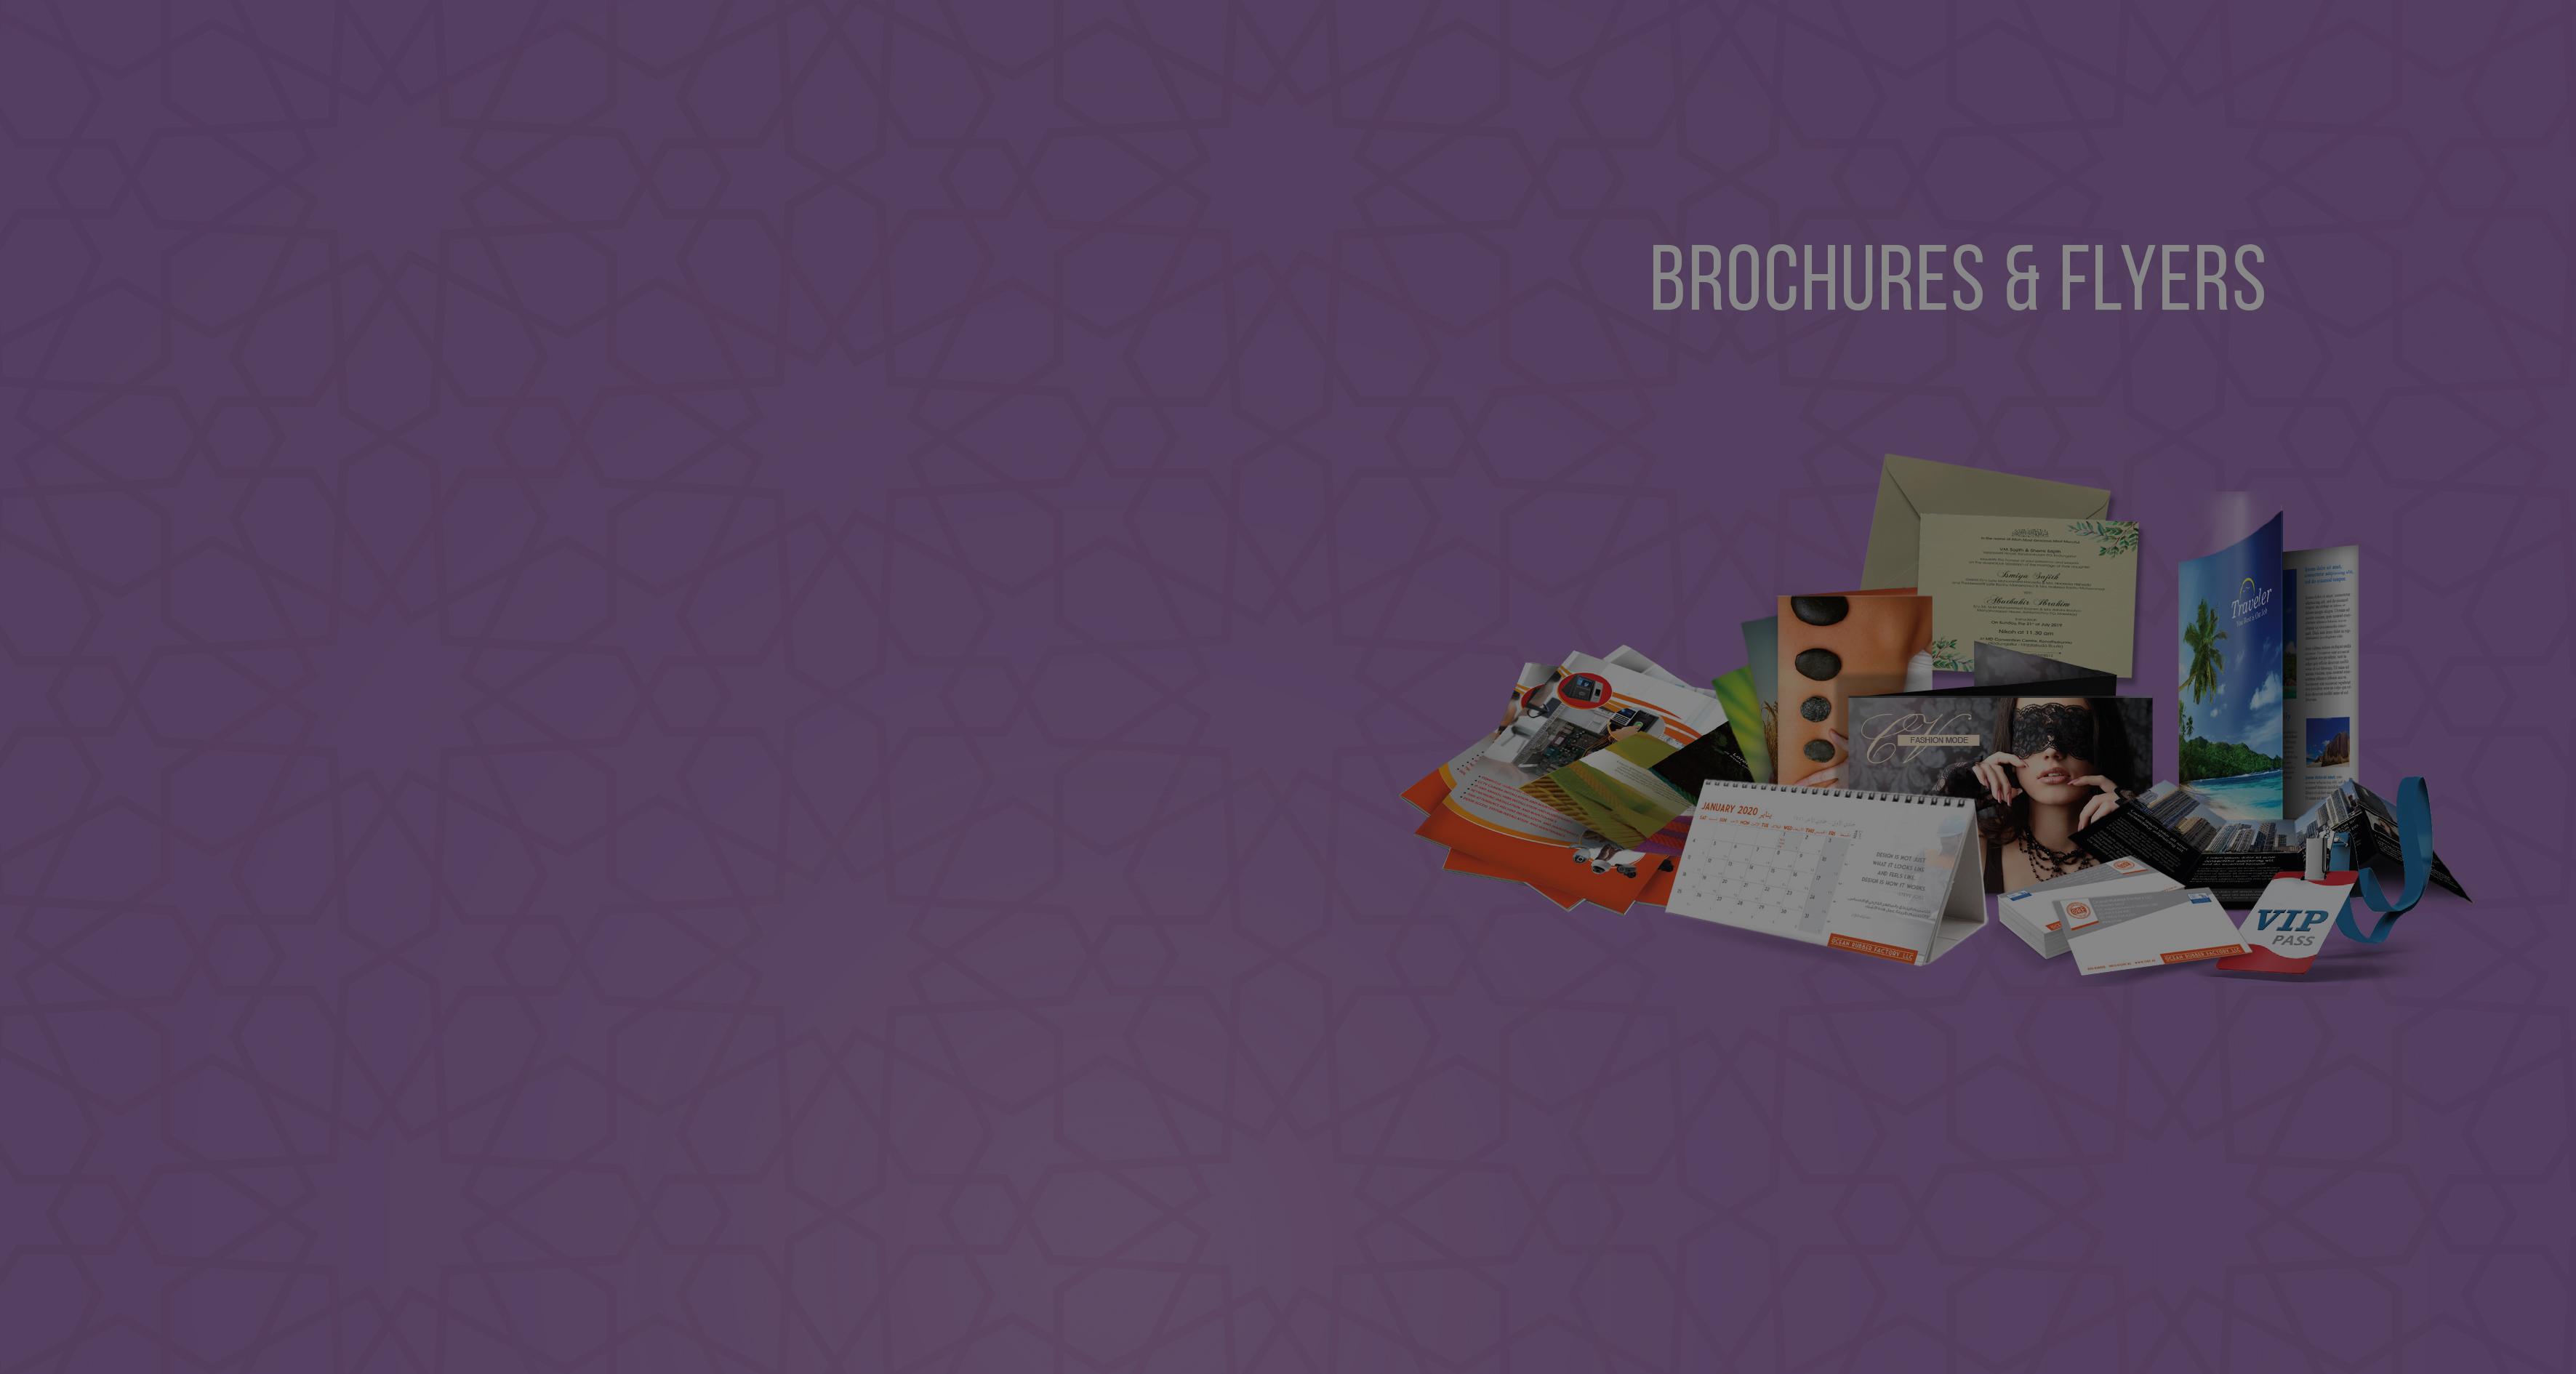 BROCHURES & FLYERS N   30x16.jpg